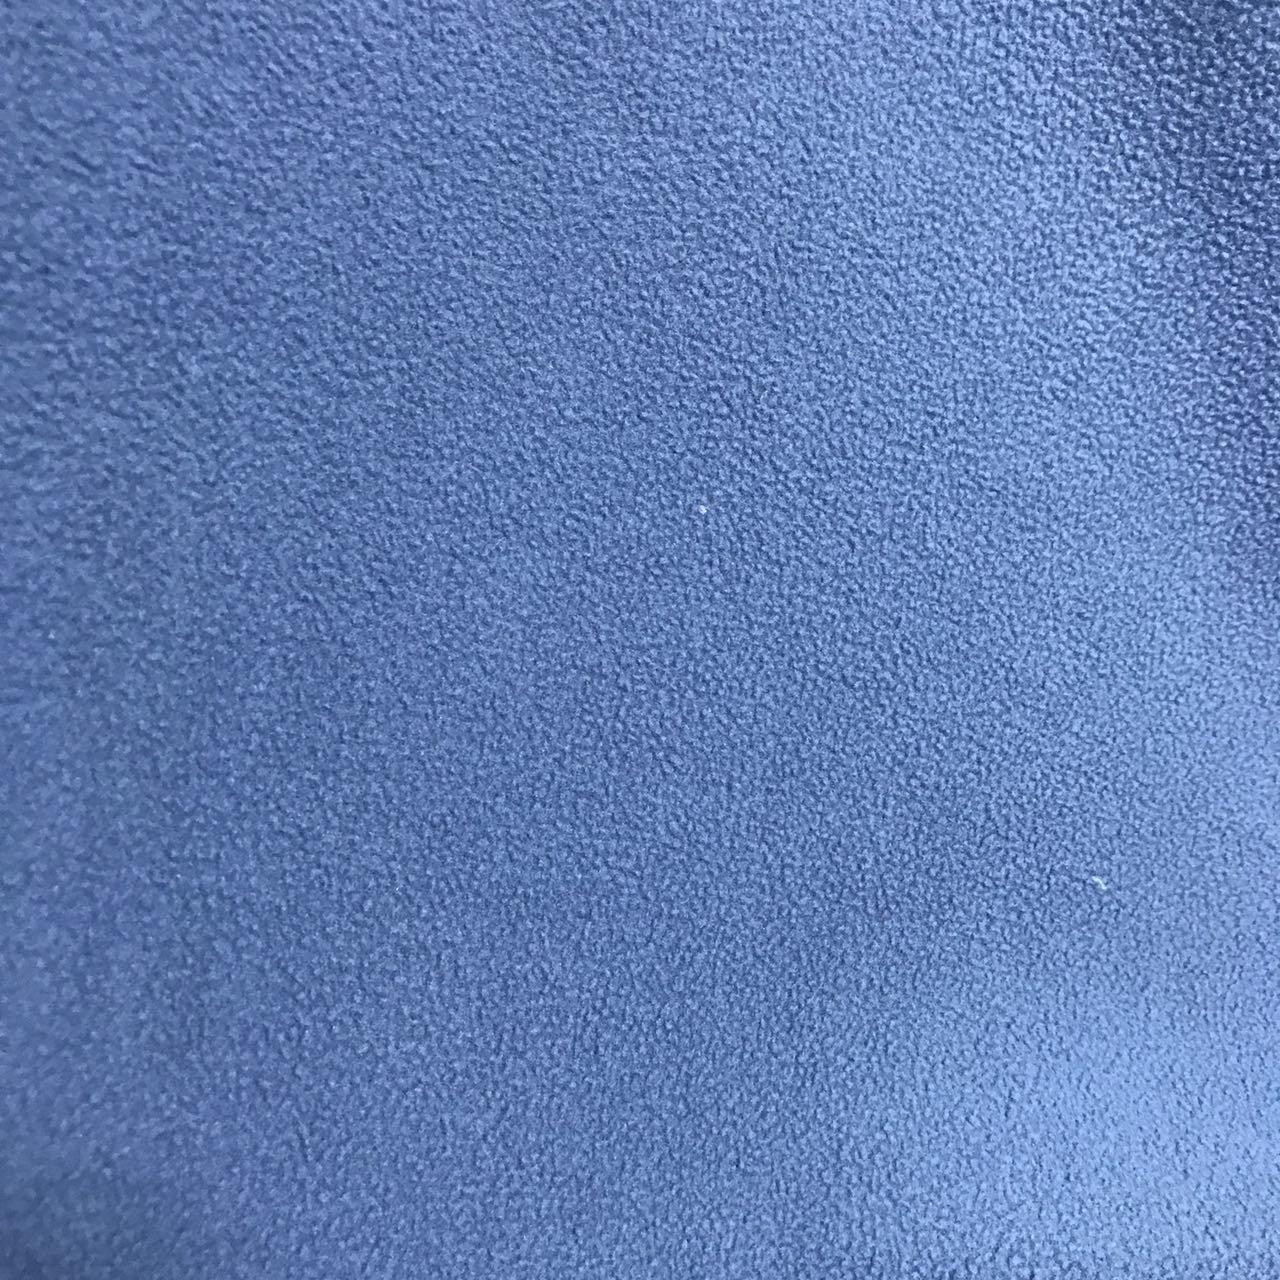 绍兴市展博针织品有限公司 双刷单摇摇粒绒 湖蓝色ZB-02